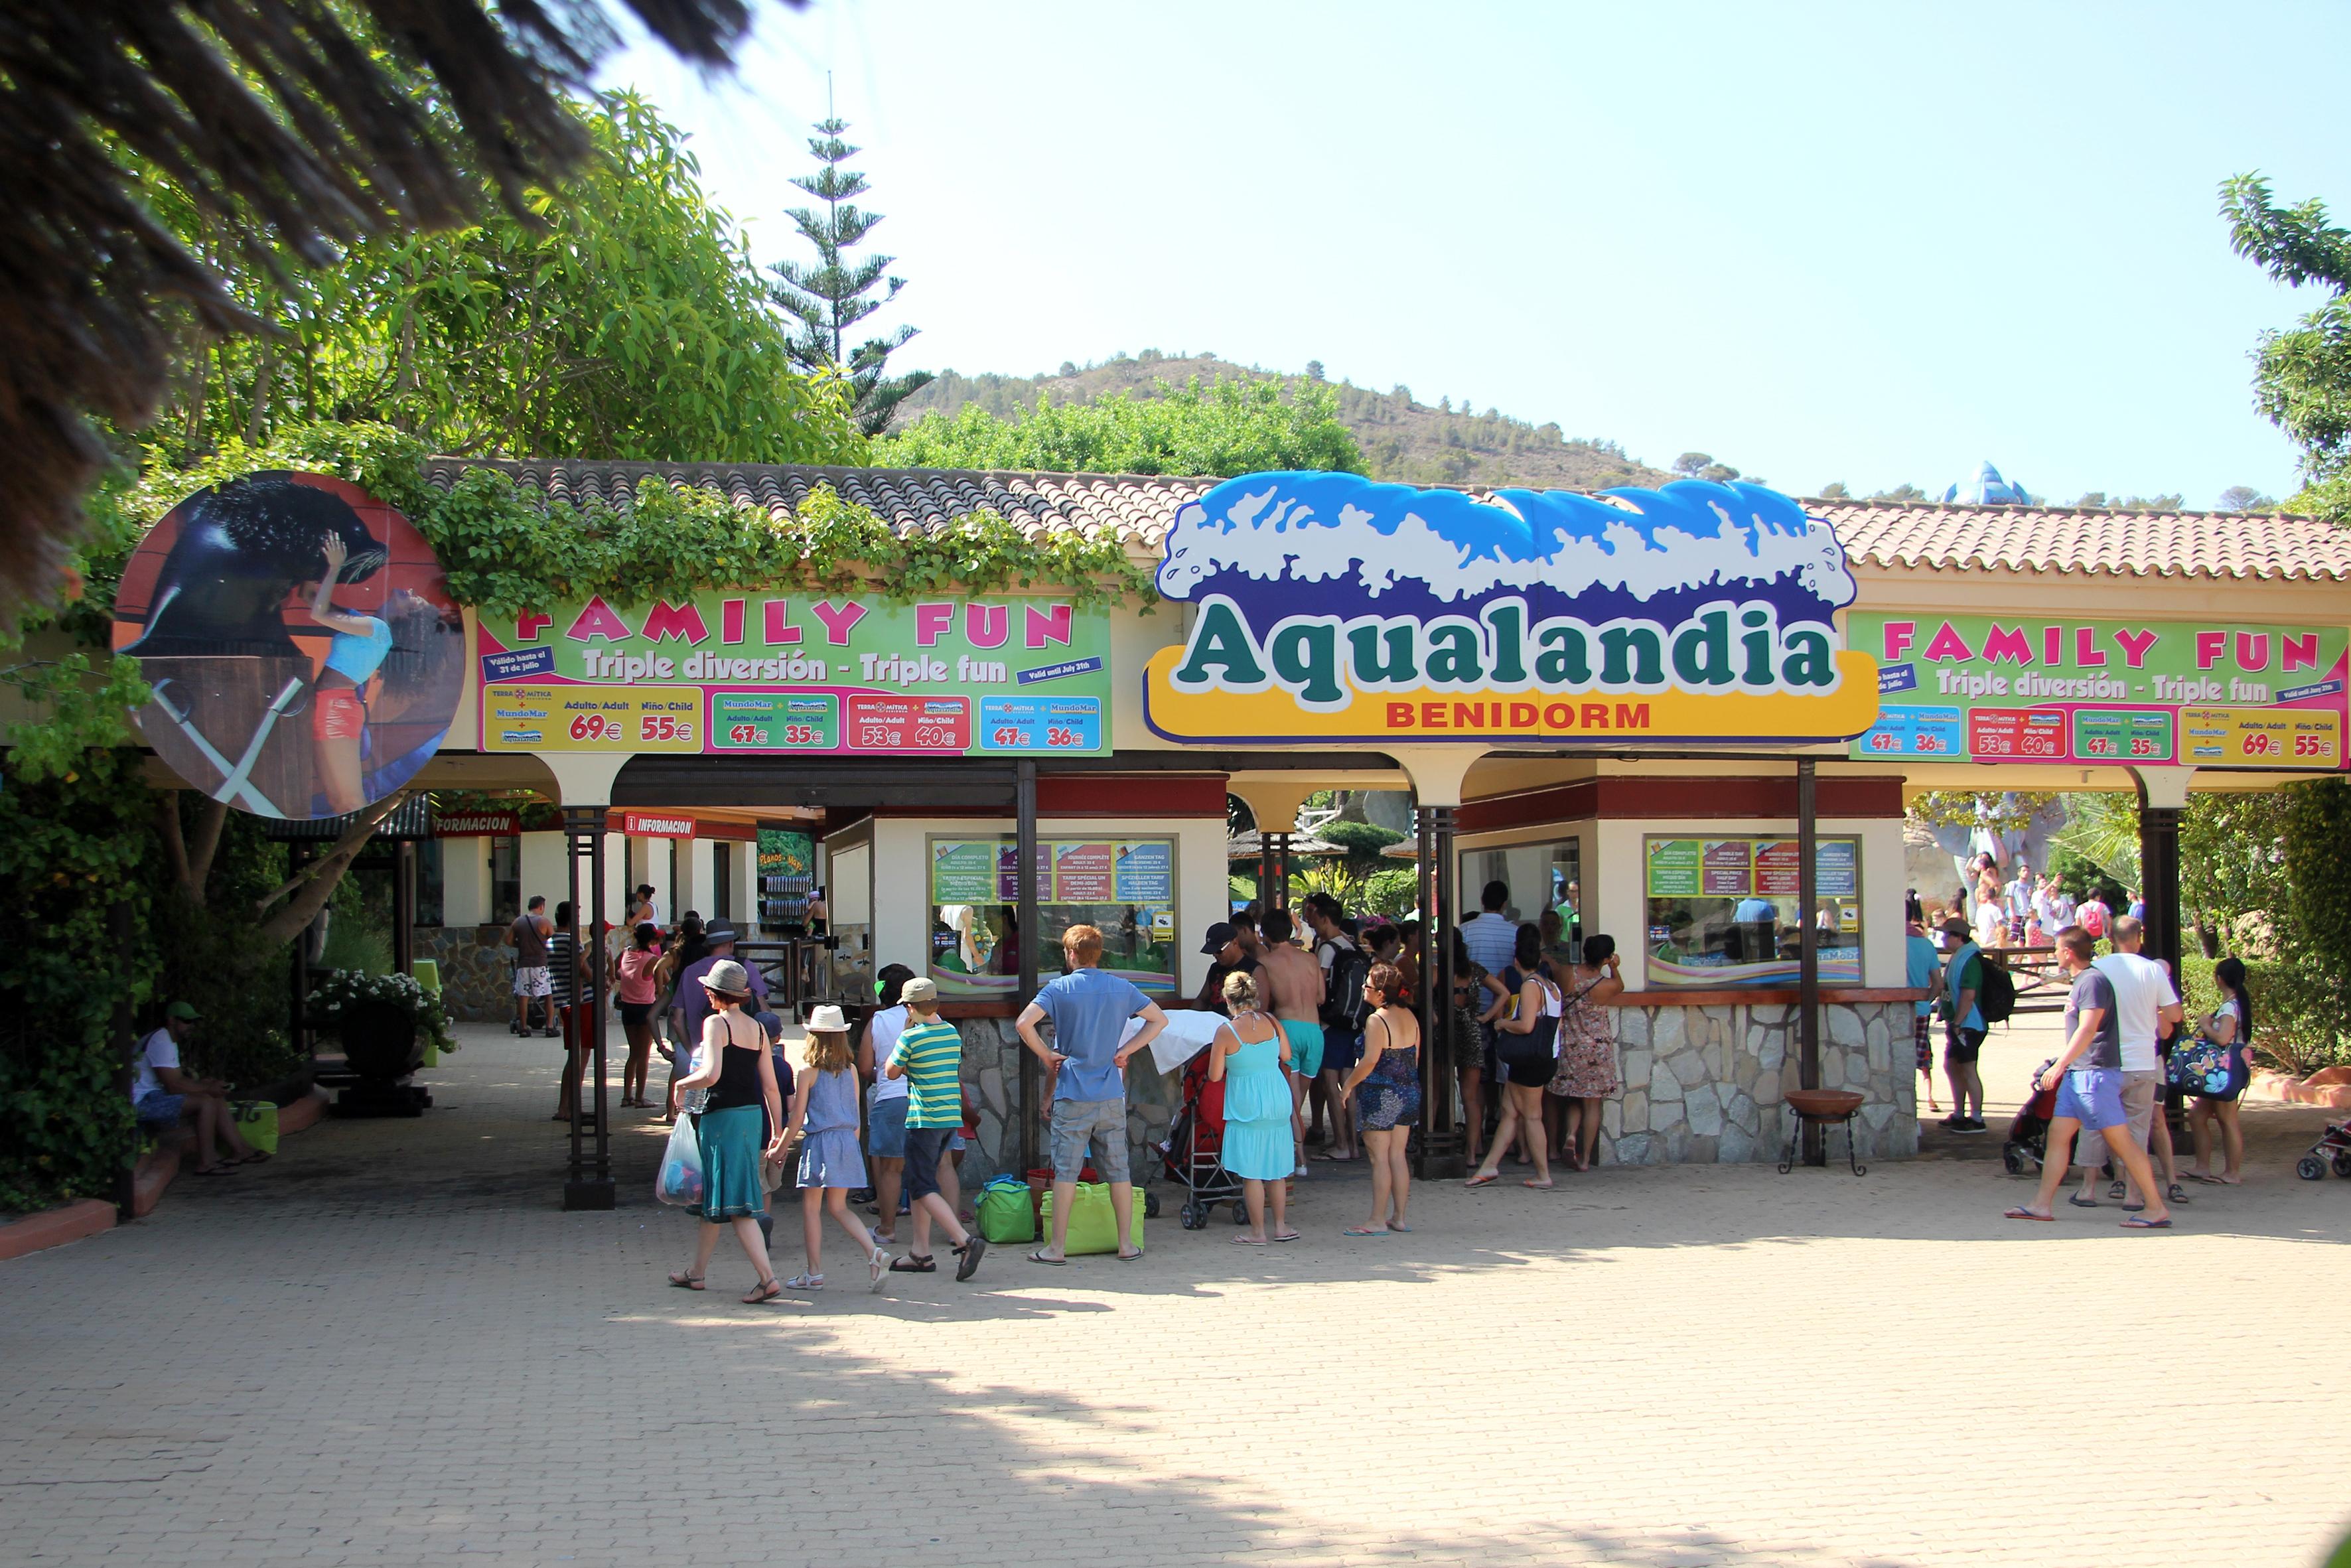 ¿Cómo se preparan los parques acuáticos para la temporada de verano?